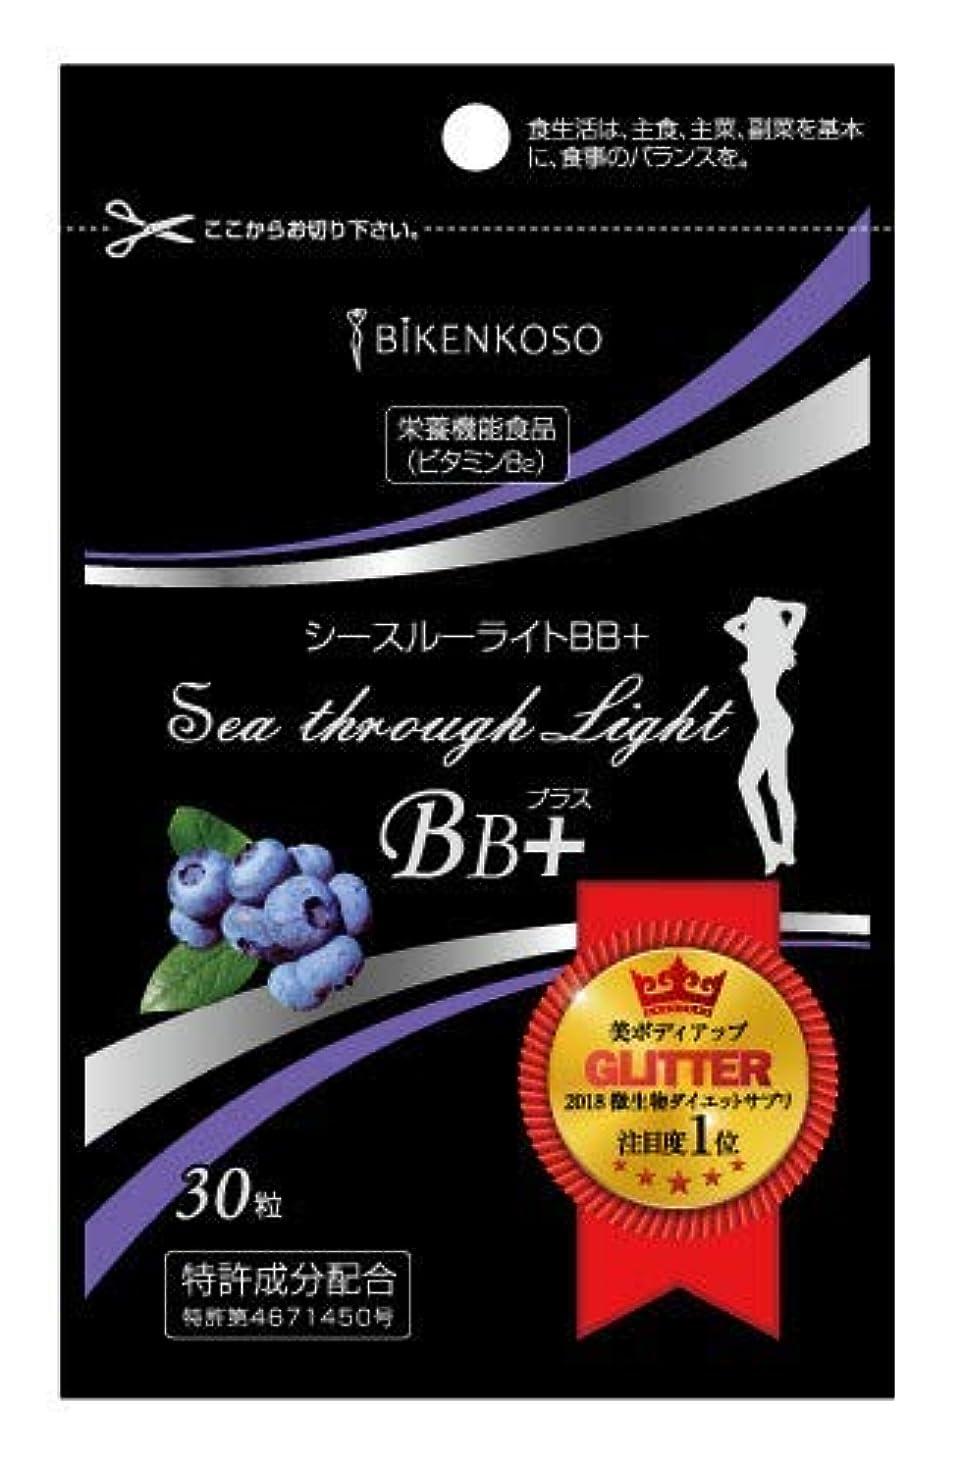 お母さんシュガー清めるシースルーライトBBプラス (30粒)  乳酸菌 酵素サプリ 酵母サプリ 日本製